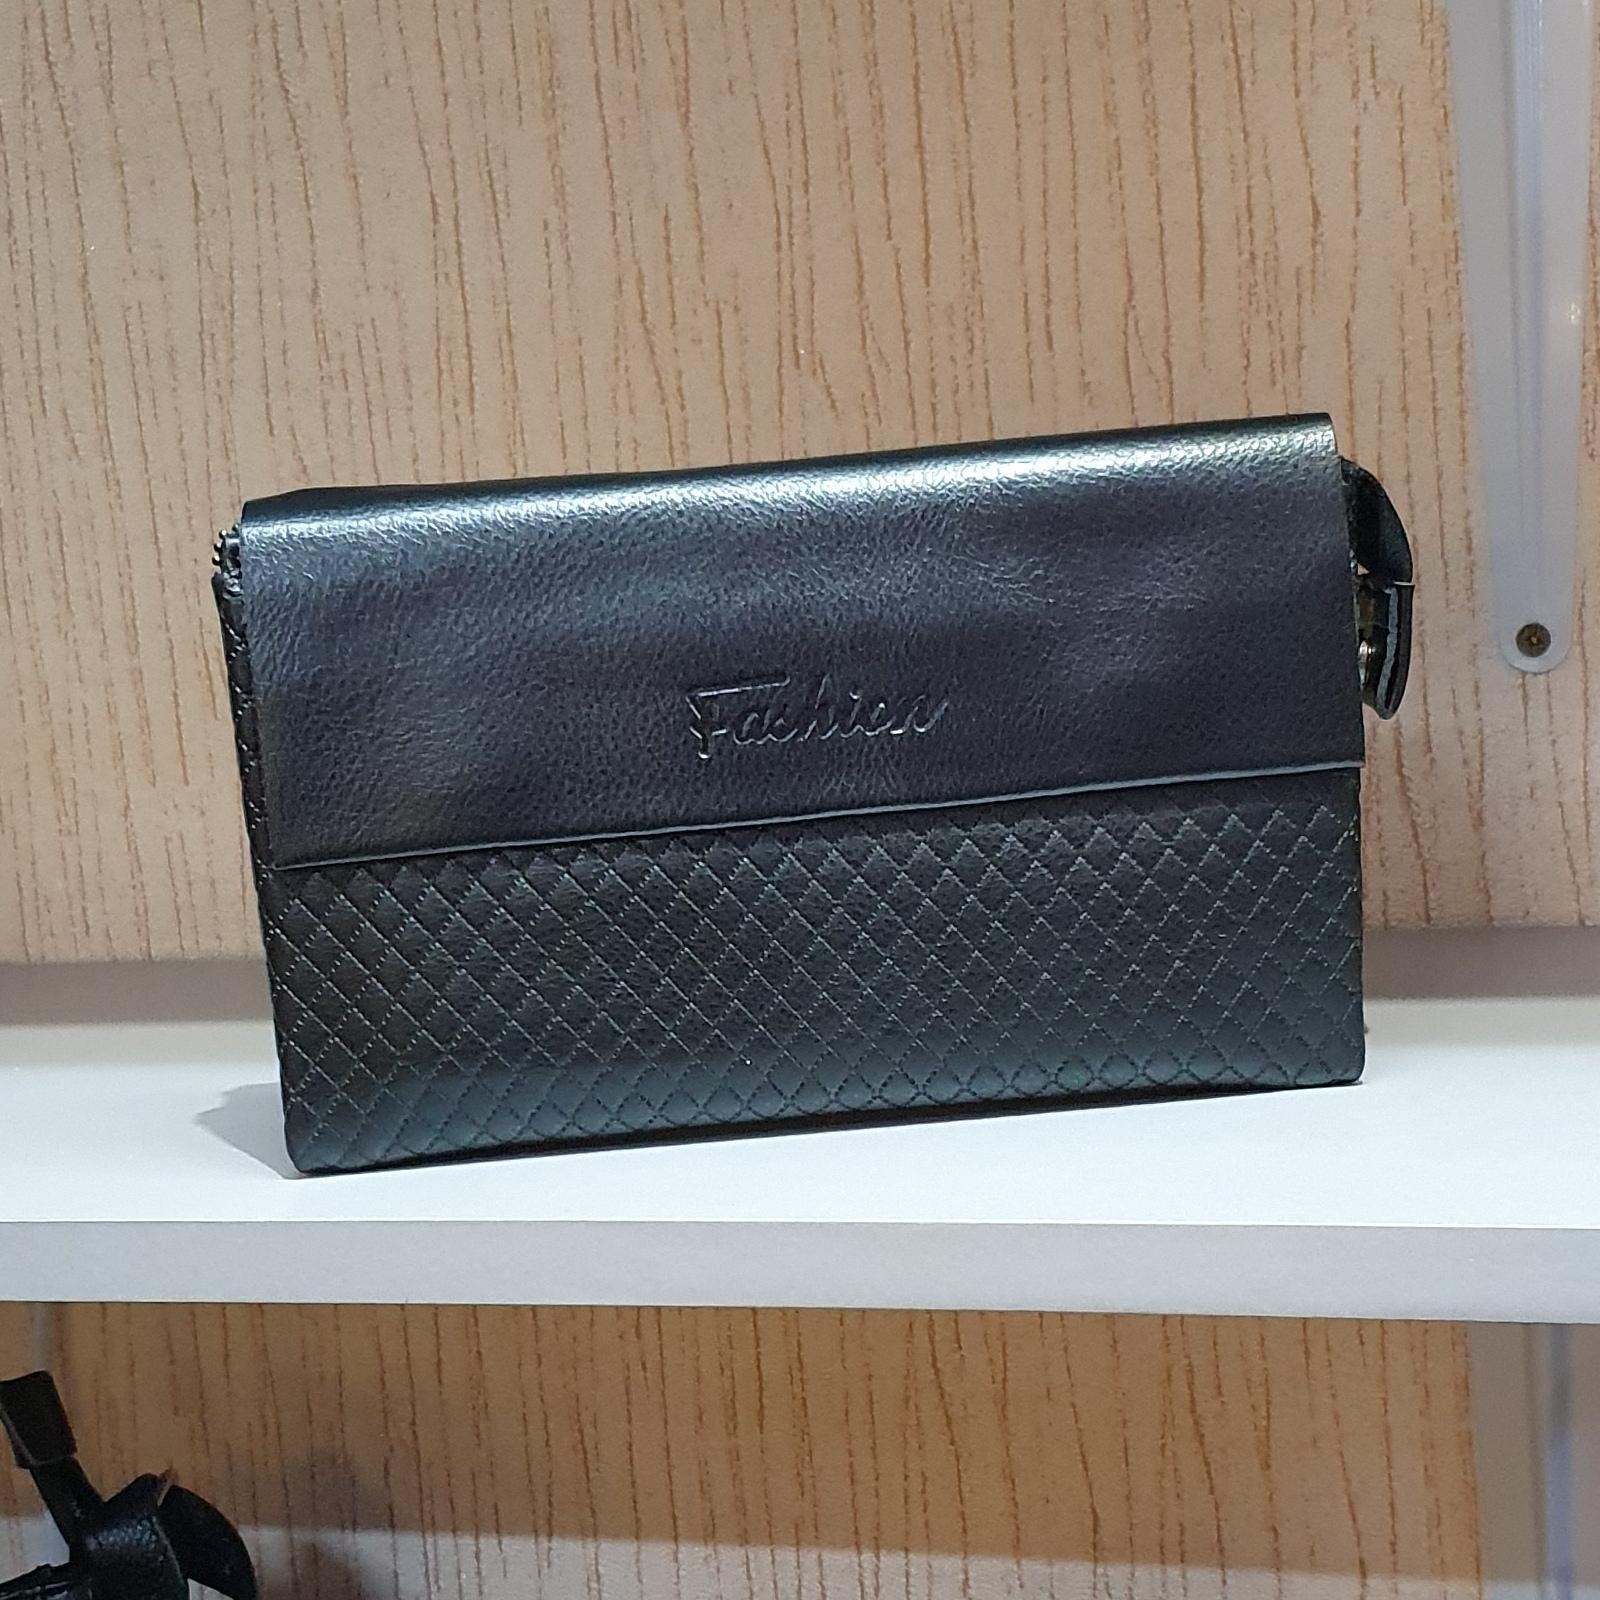 Качественный мужской клатч «Fashion» чёрного цвета из гладкой экокожи купить. Цена 595 грн